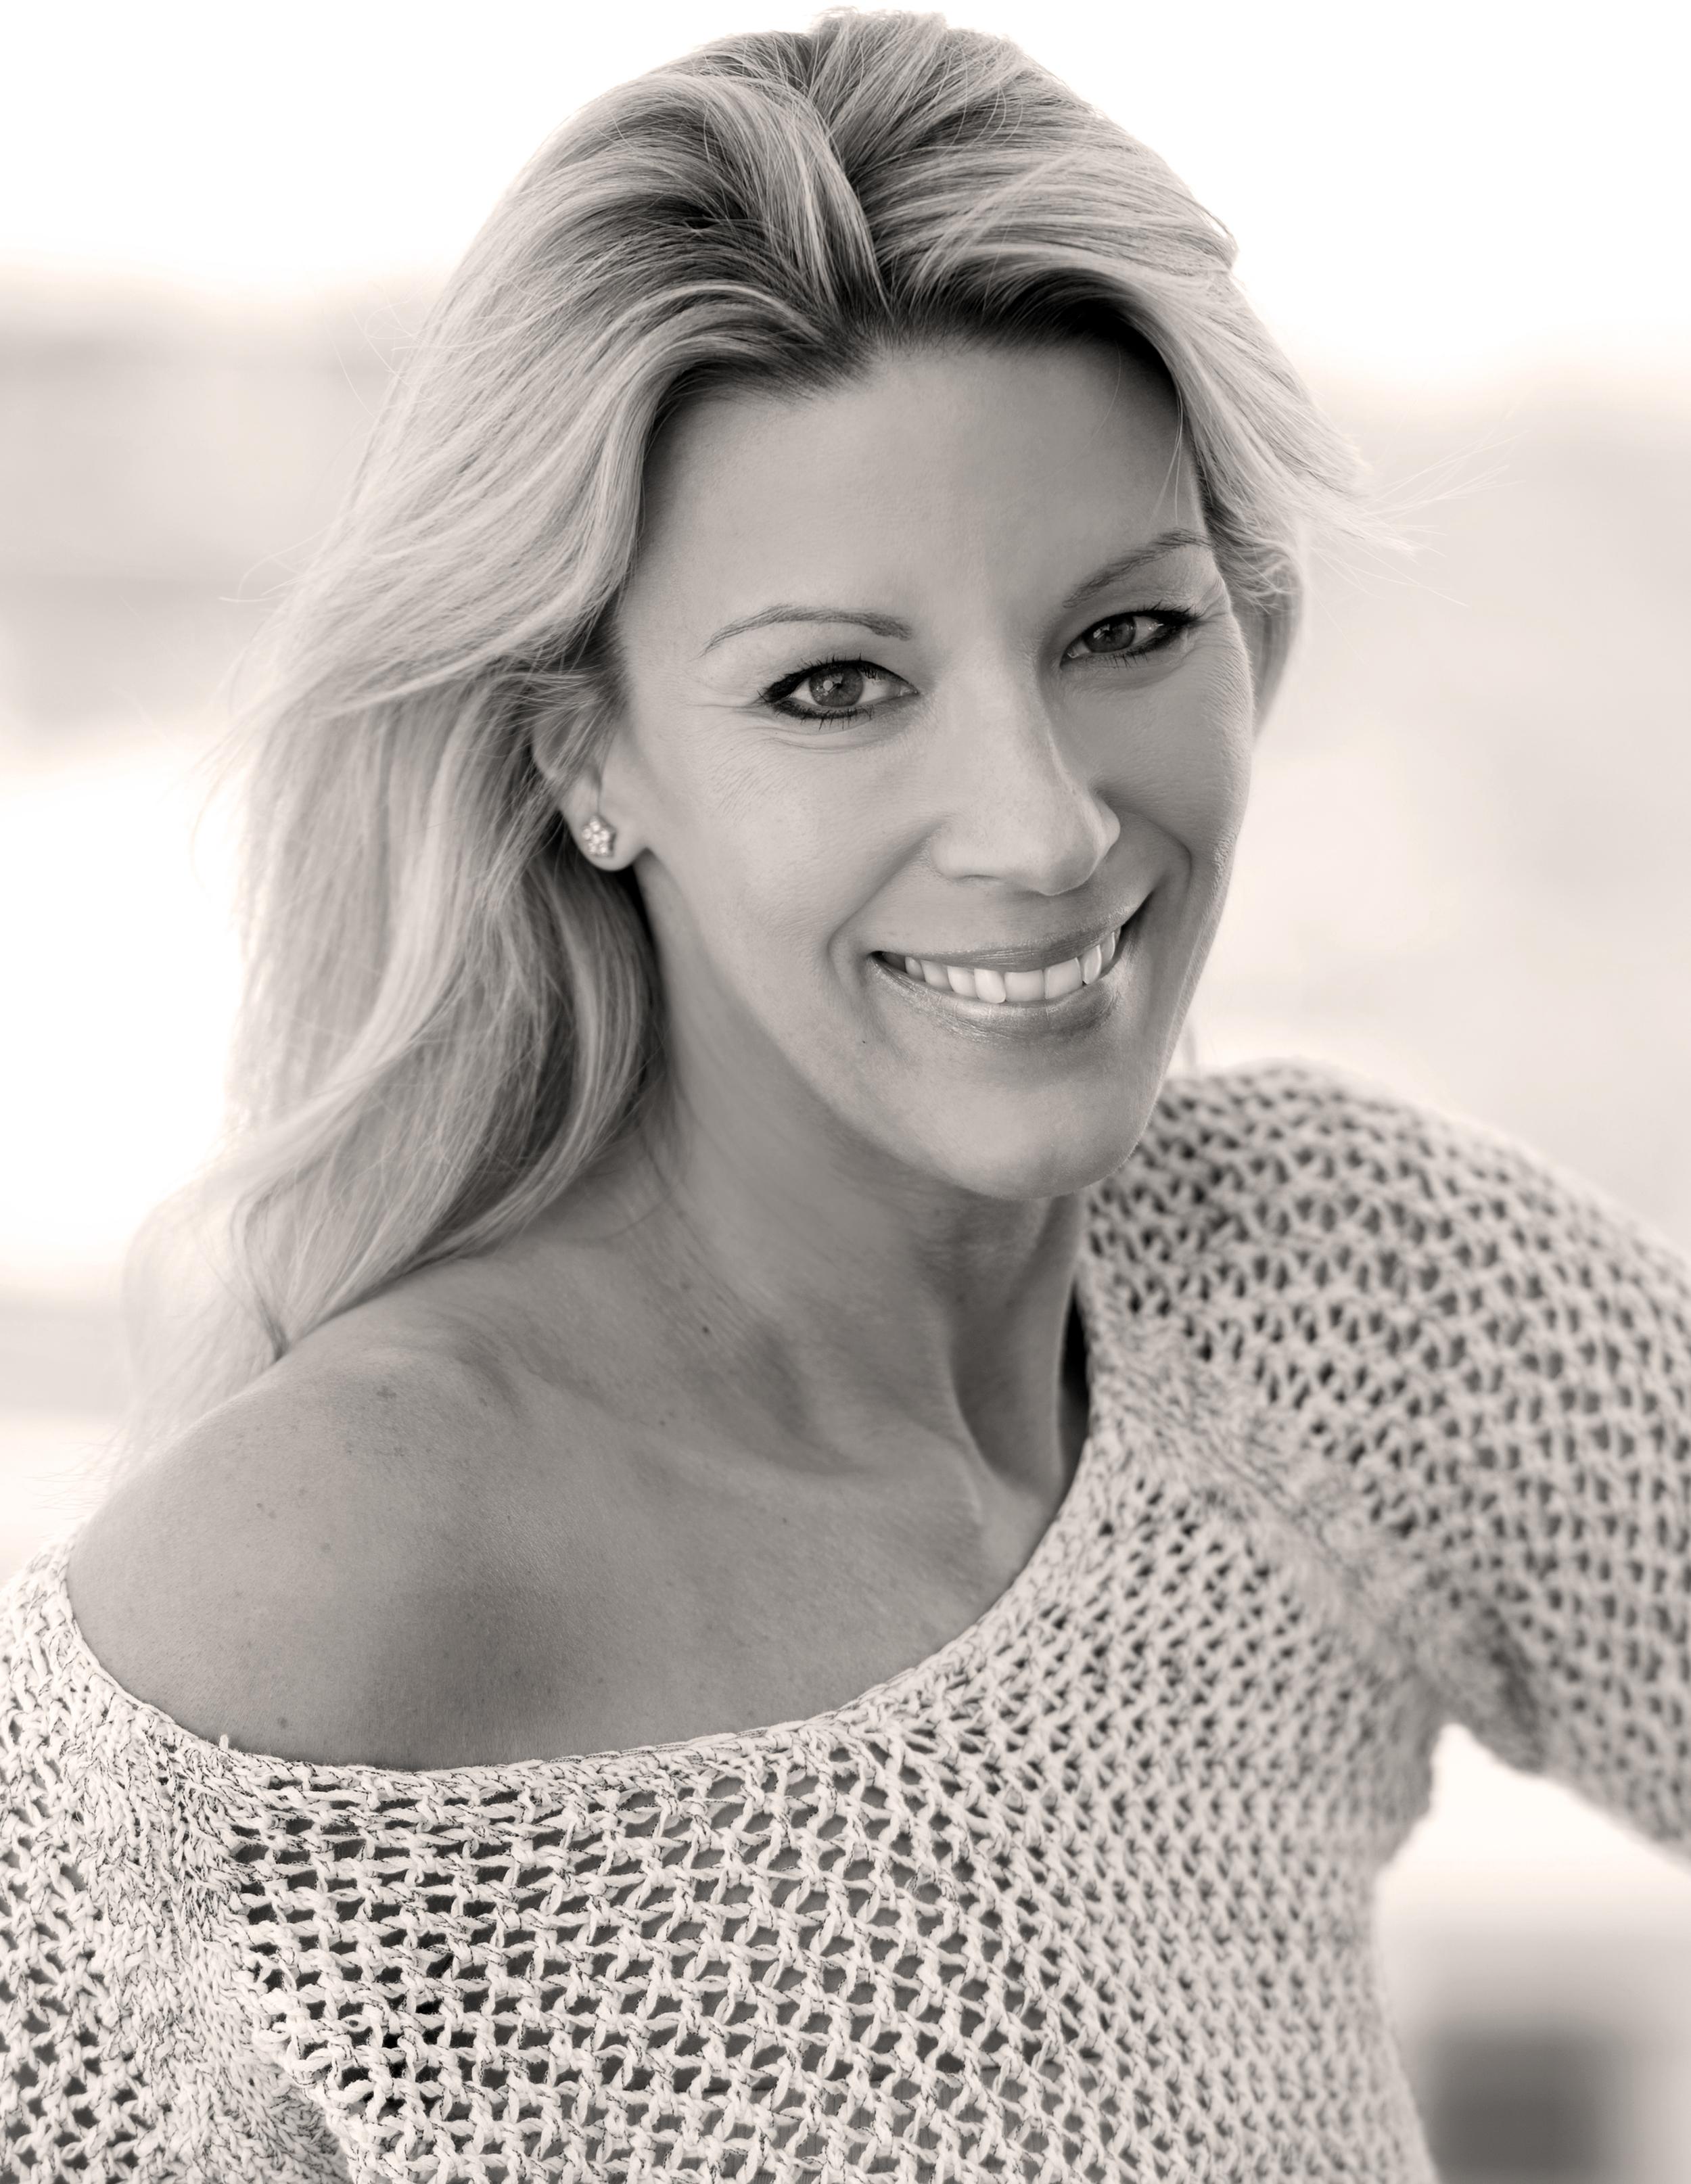 Mimi Rieger